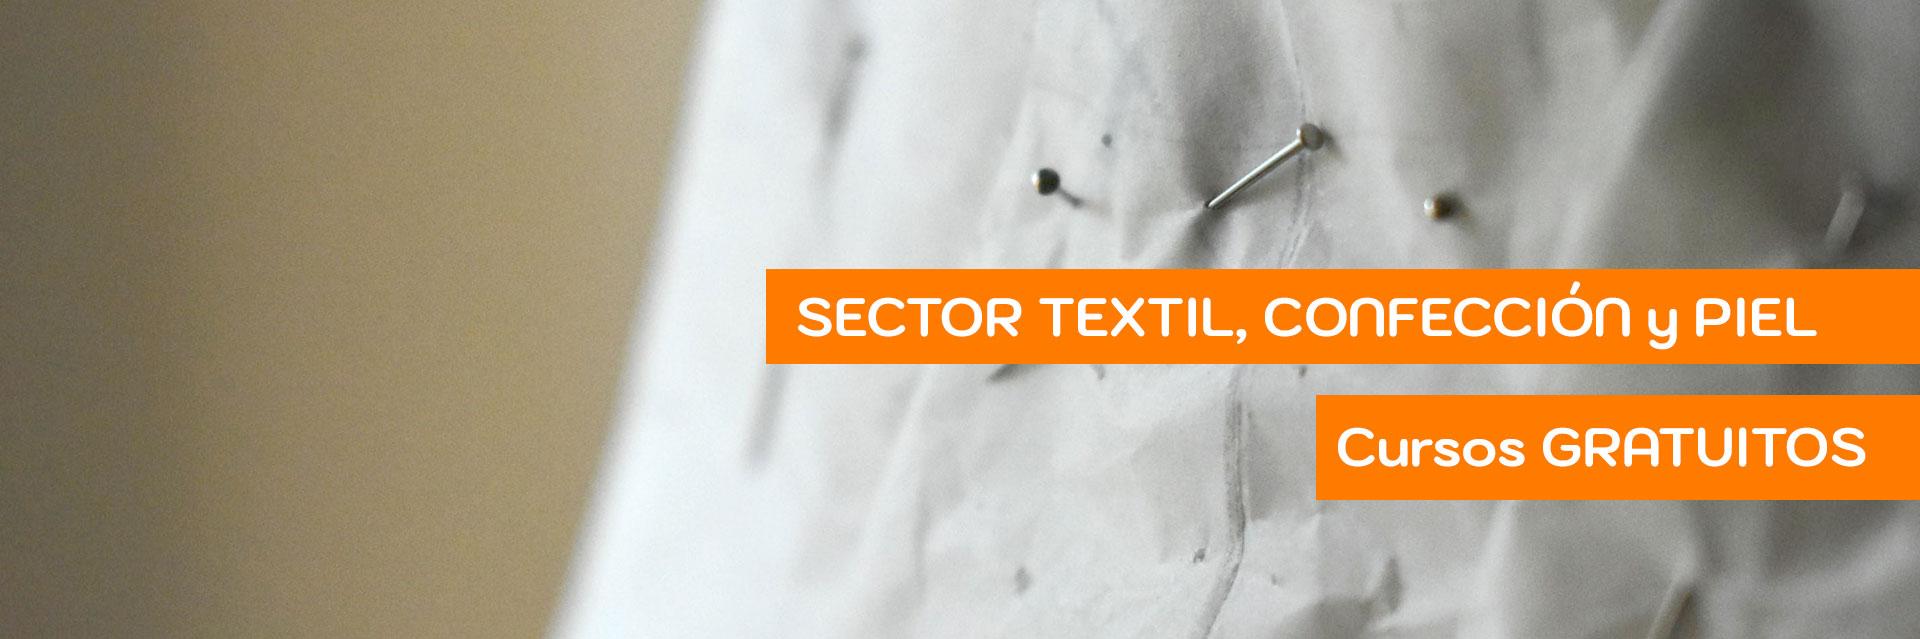 Cursos gratuitos sector textil, confección y piel